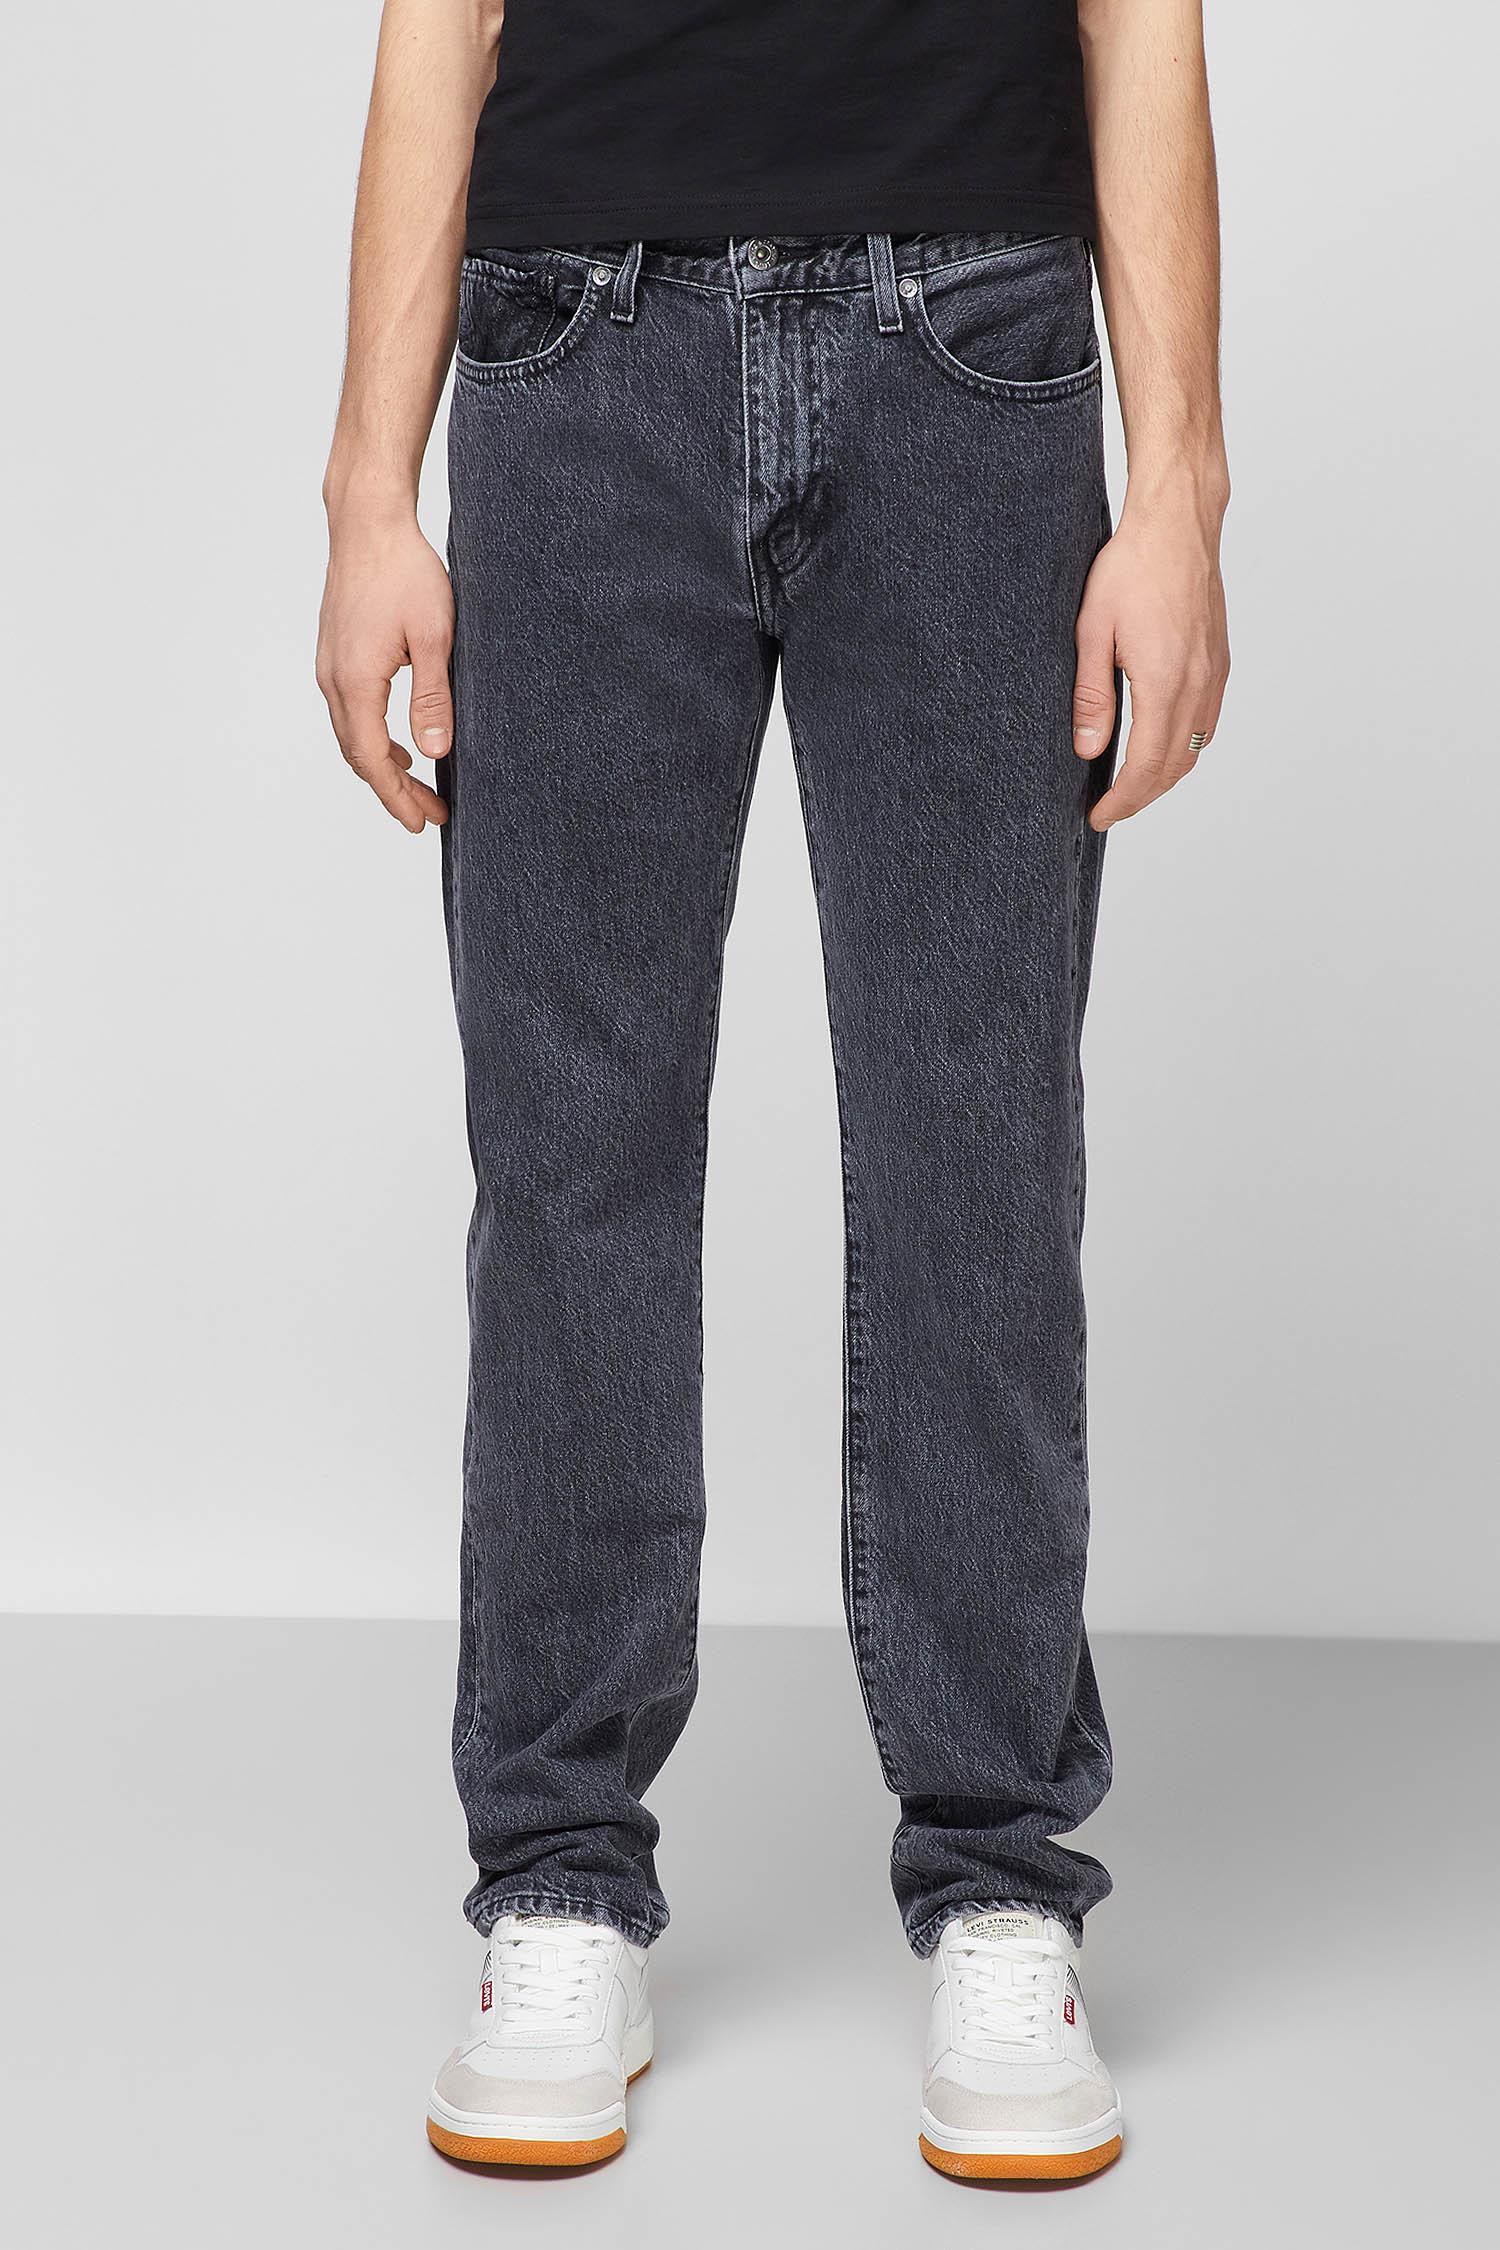 Мужские темно-серые джинсы 502 Taper 1